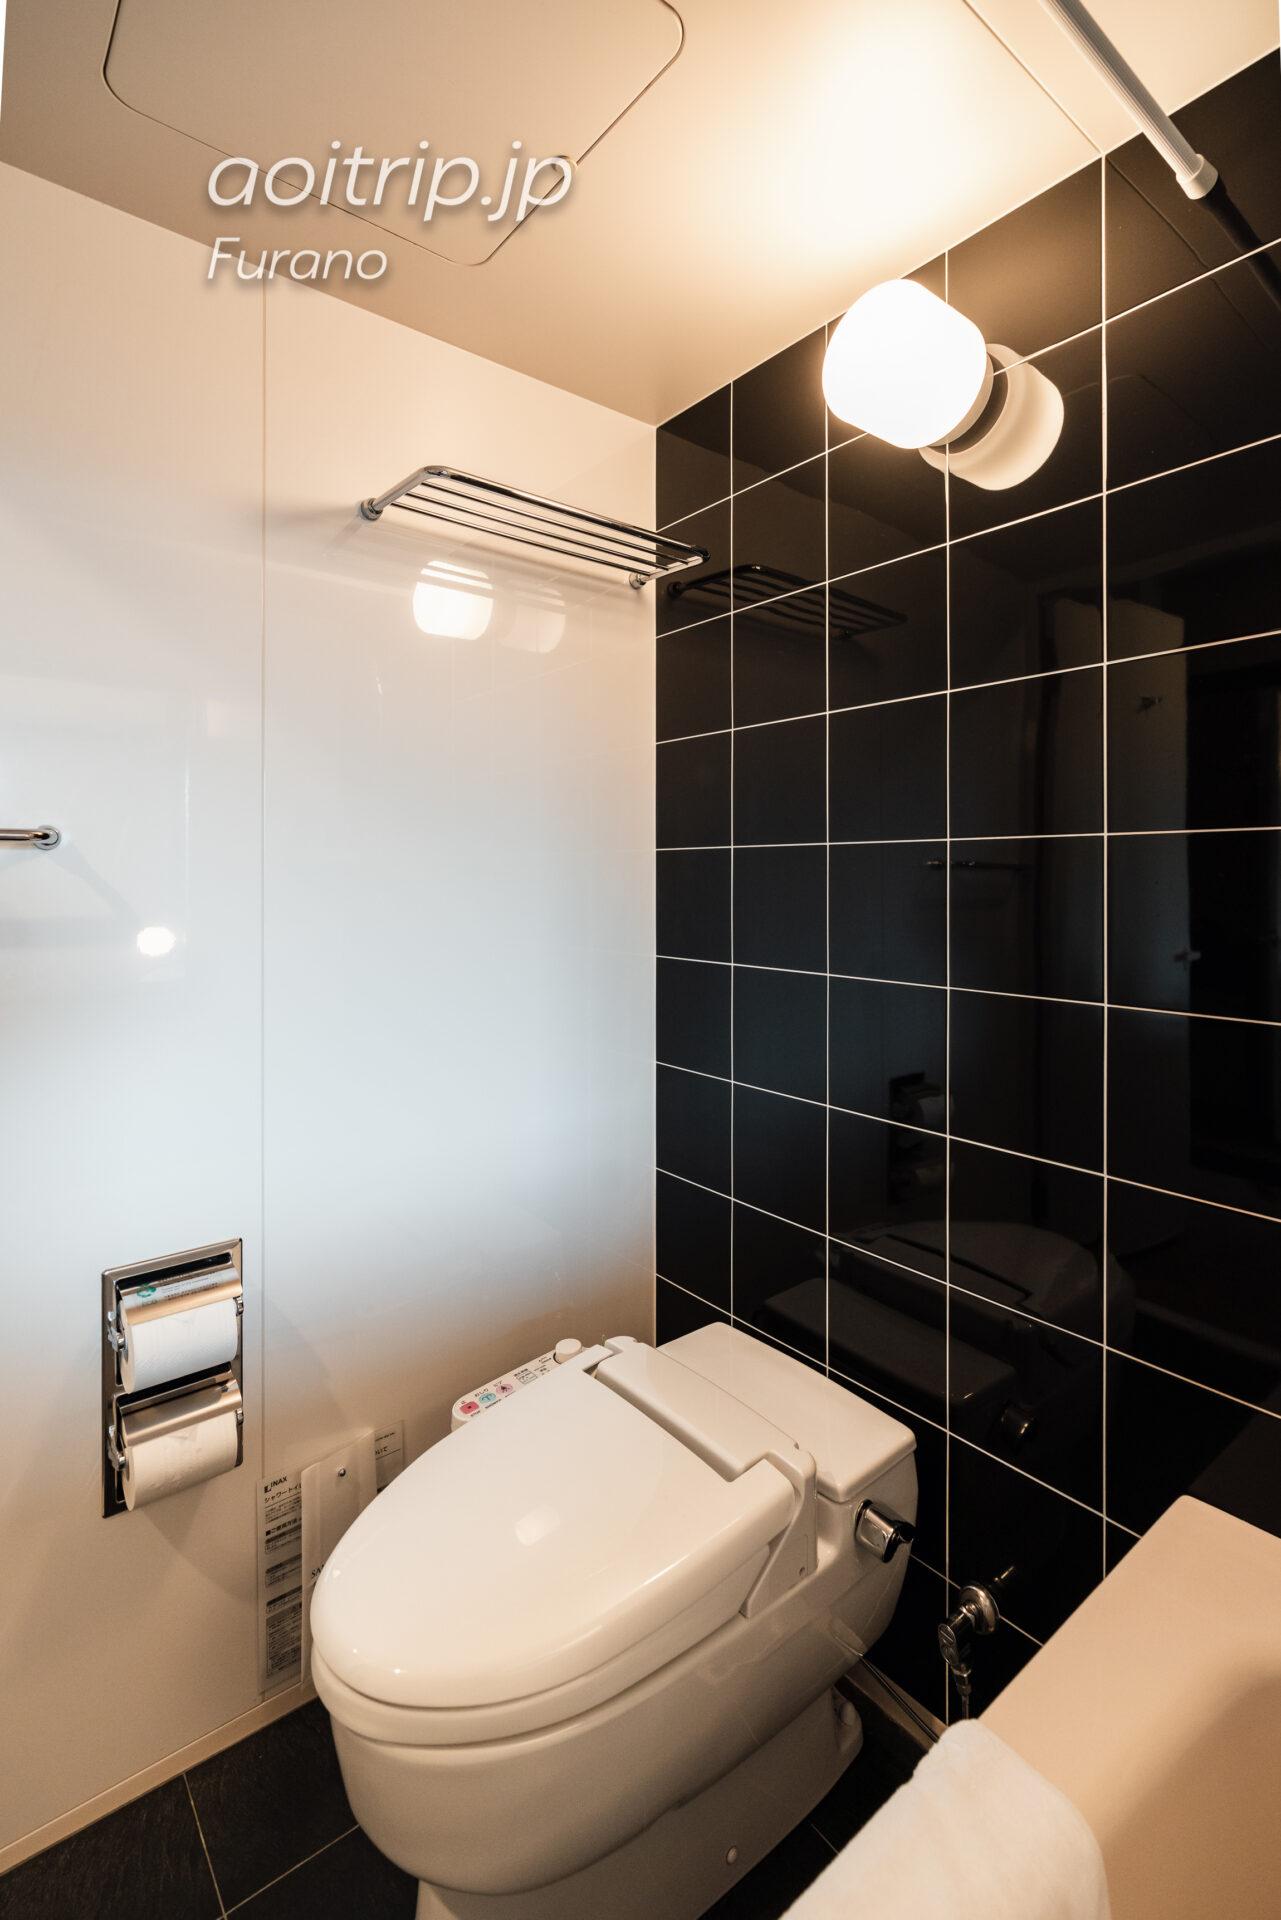 富良野ナチュラクスホテル トイレ